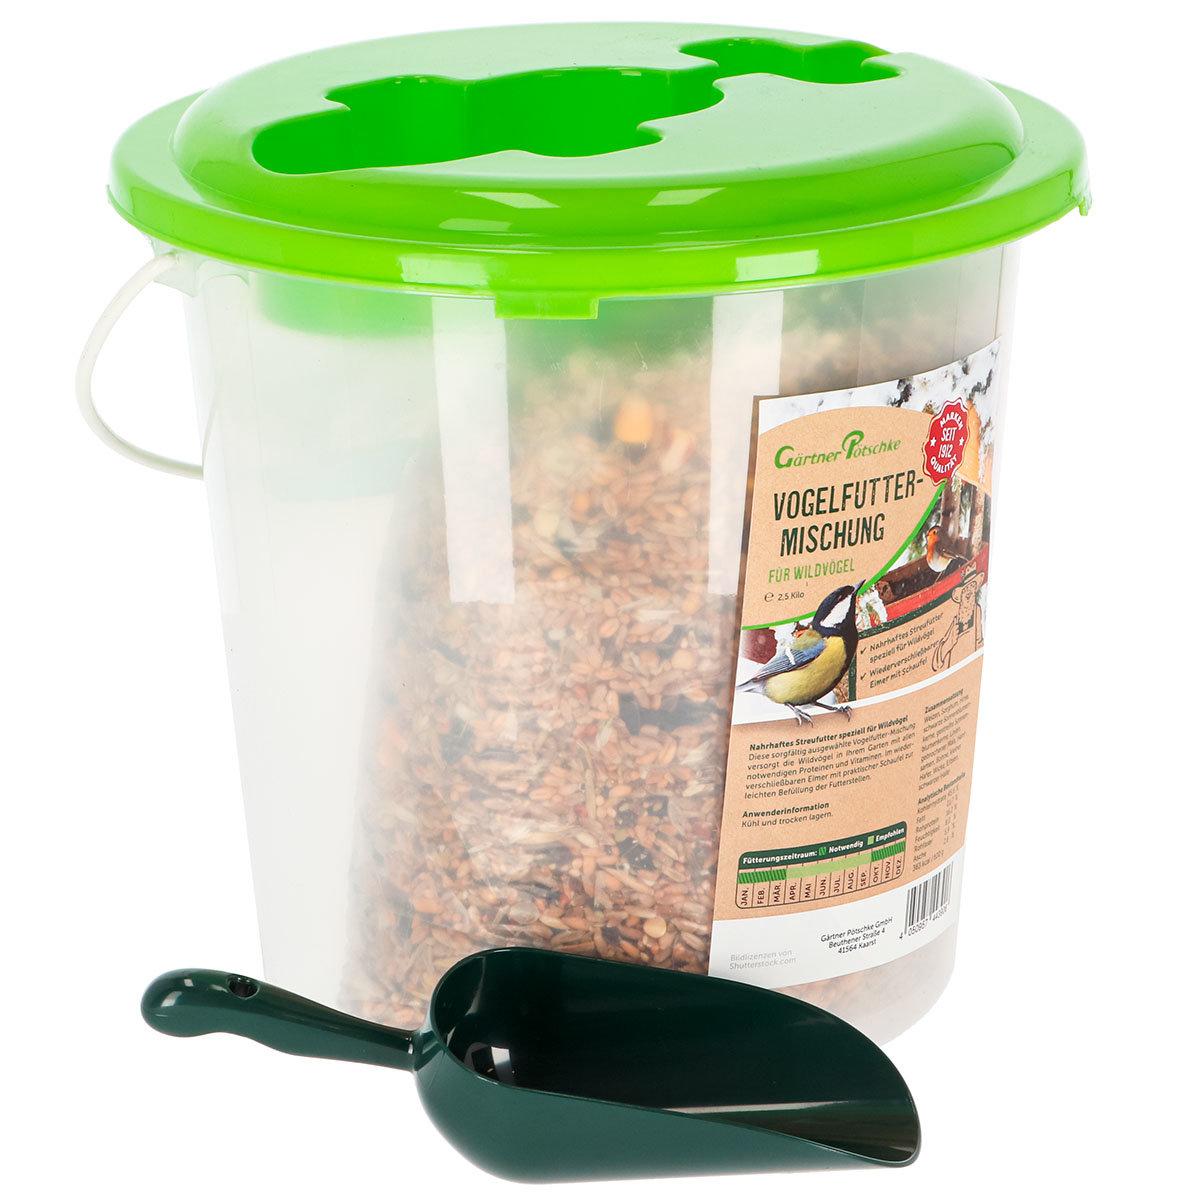 Vogelfutter-MIschung für Wildvögel, im Eimer mit Kelle, 2,5 kg | #2